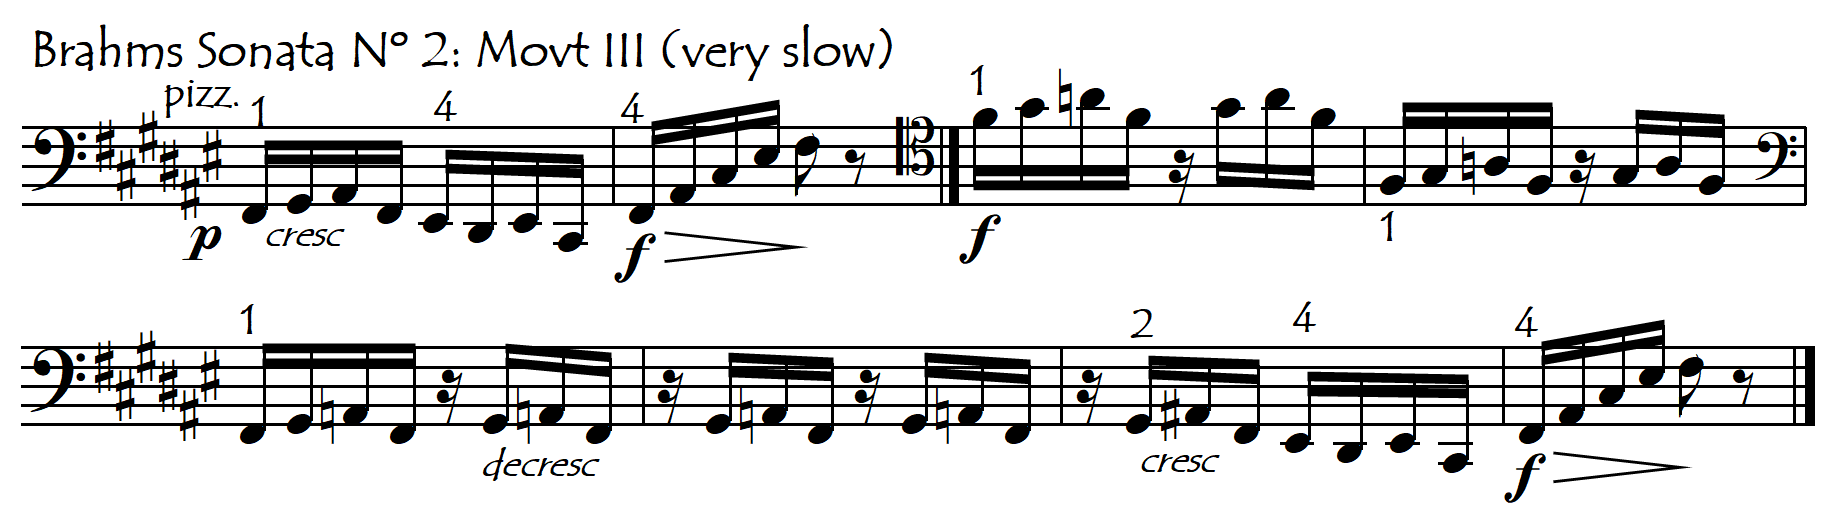 Brahms F slow pizz melody